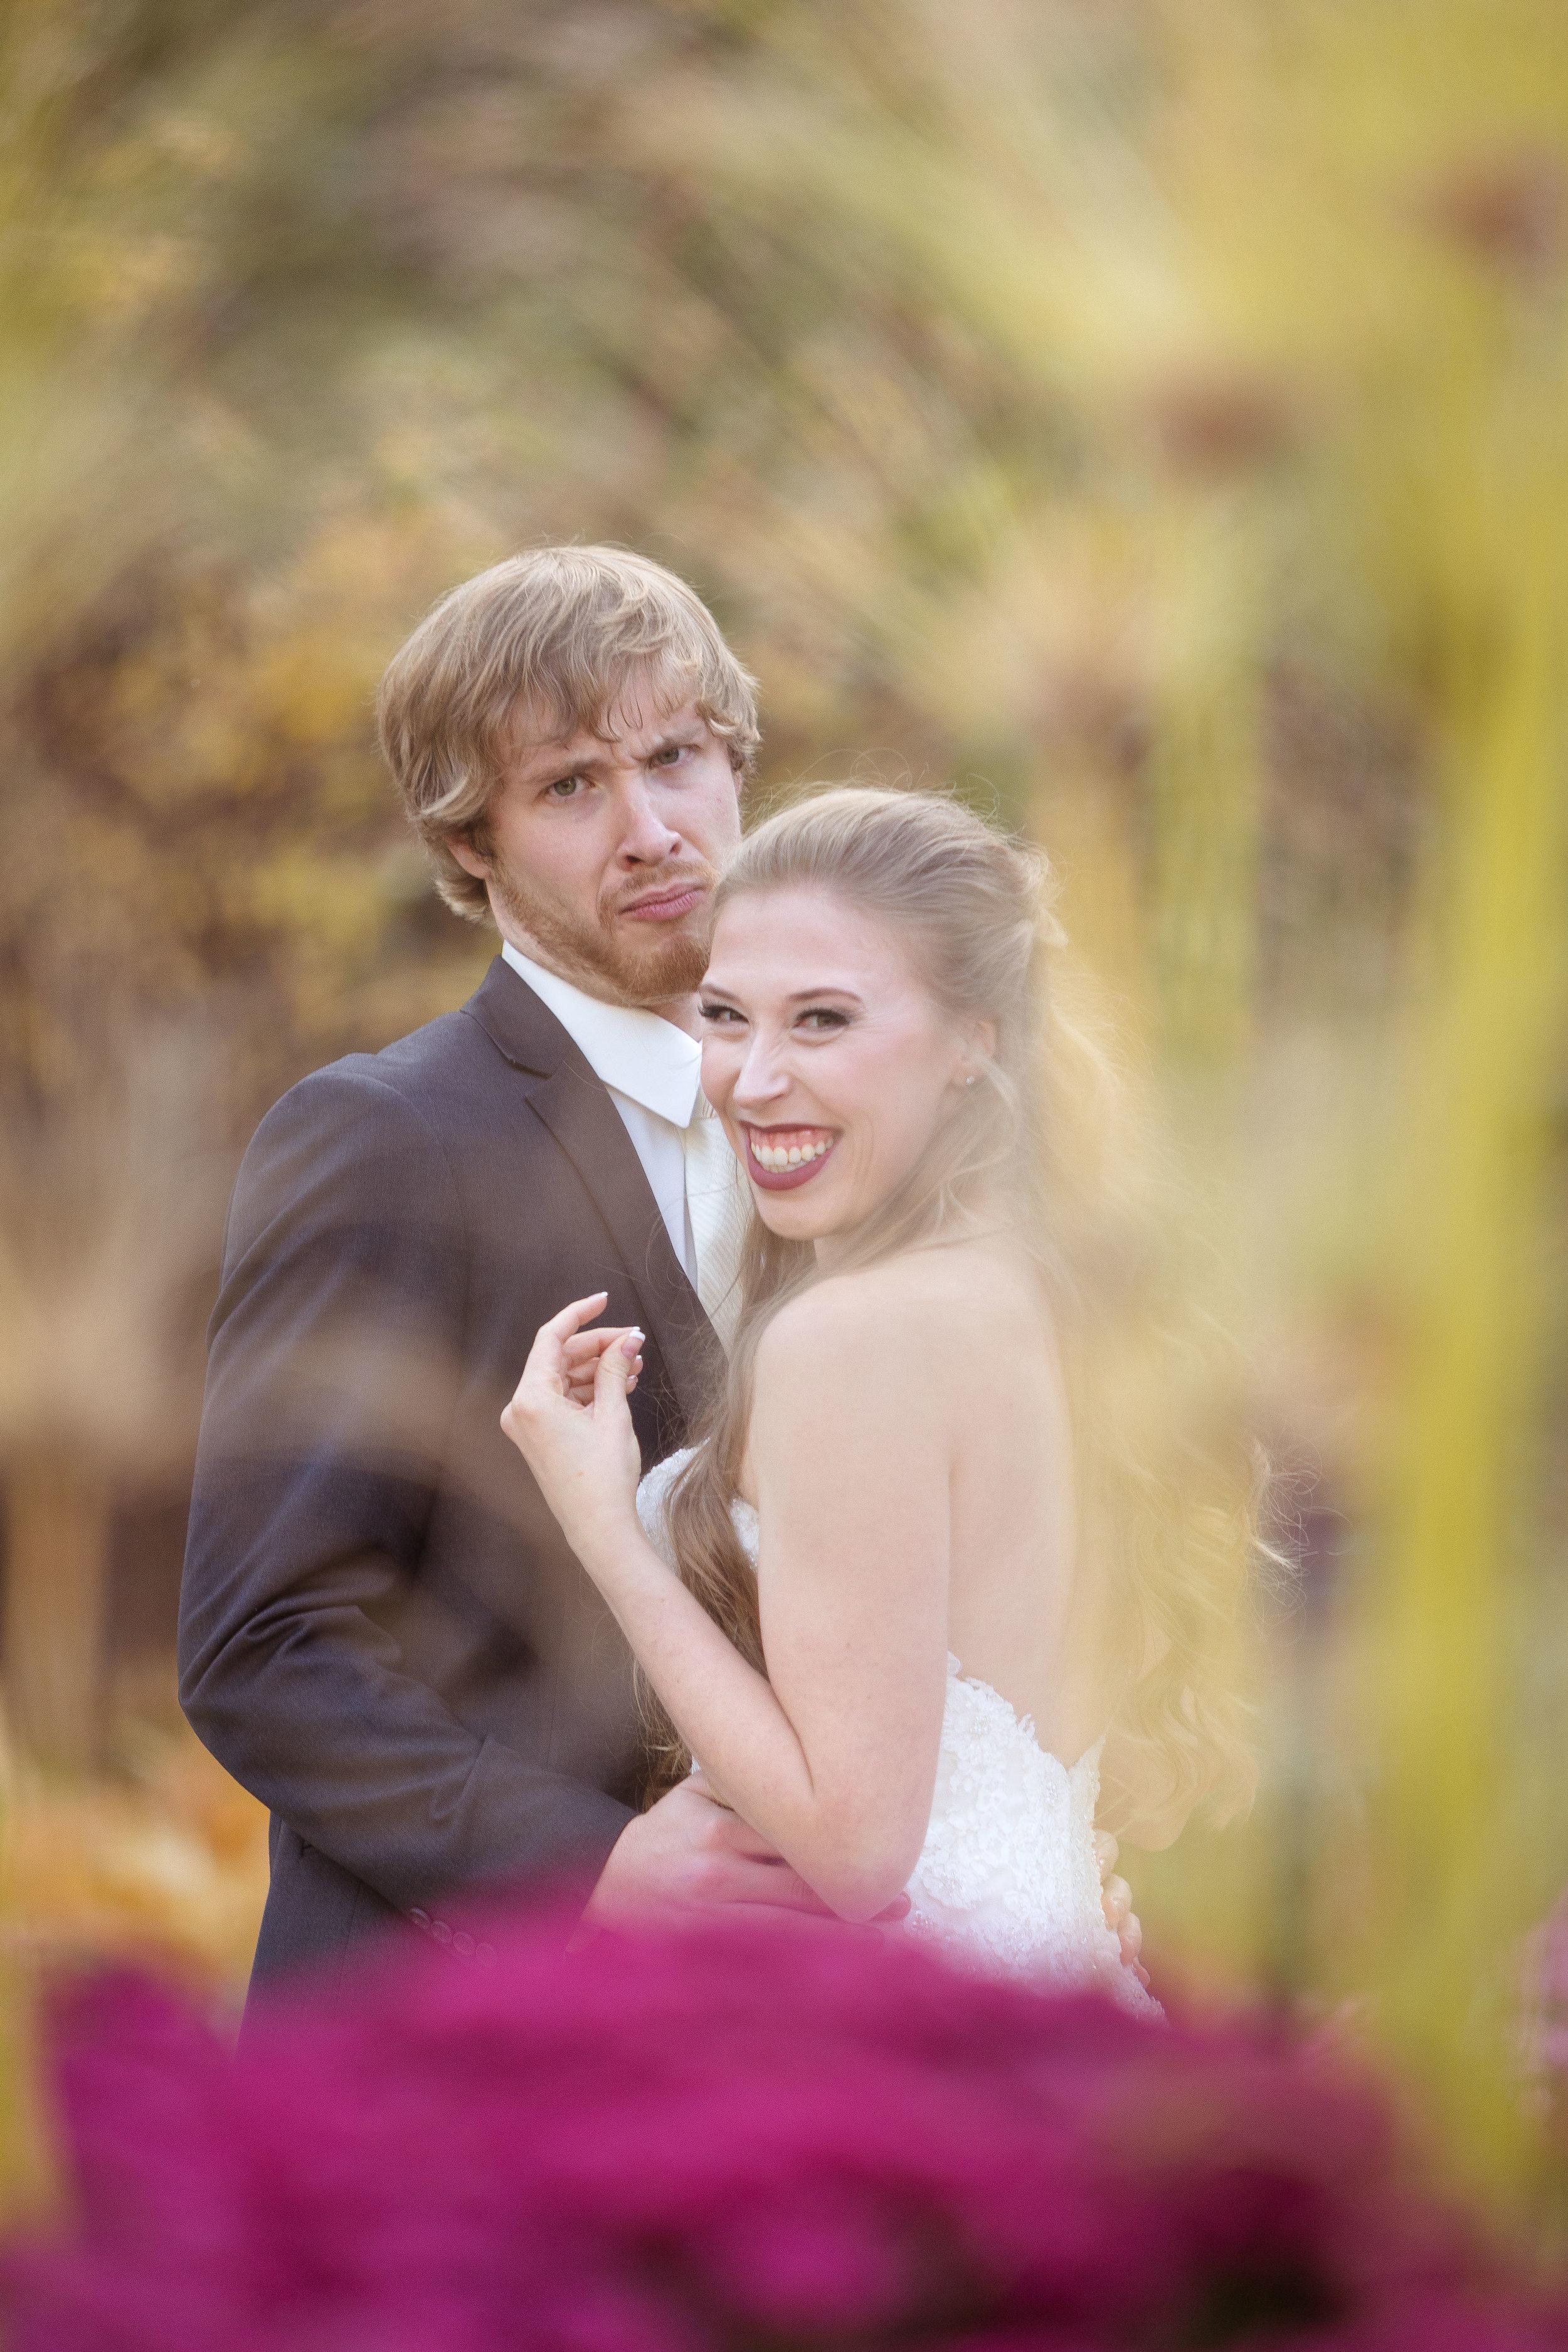 C_Wedding_Spellman, Megan & Tyler_10.27.18-670.JPG